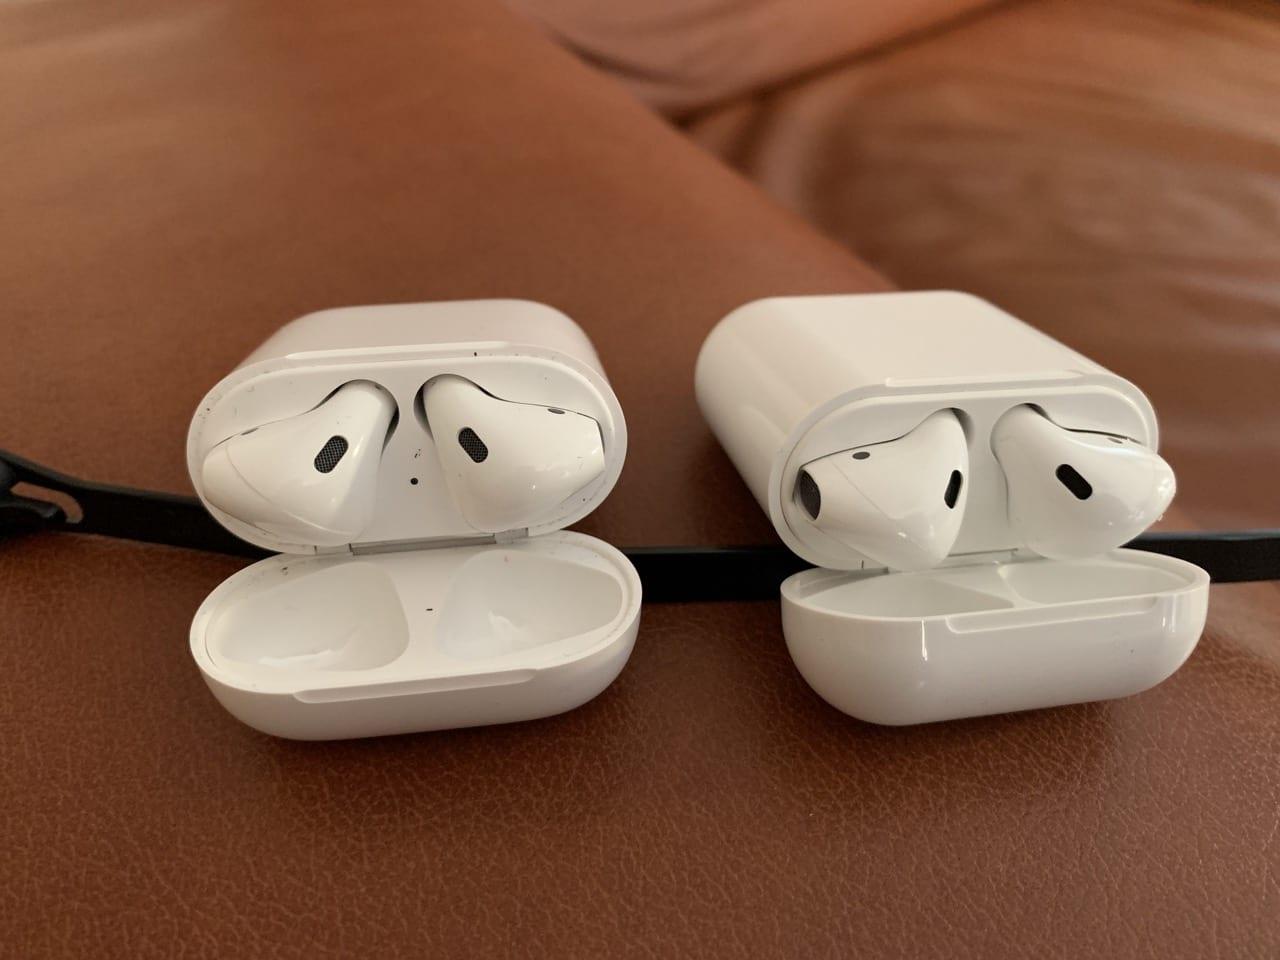 Airpods Fake Klone sehen sehr echt aus